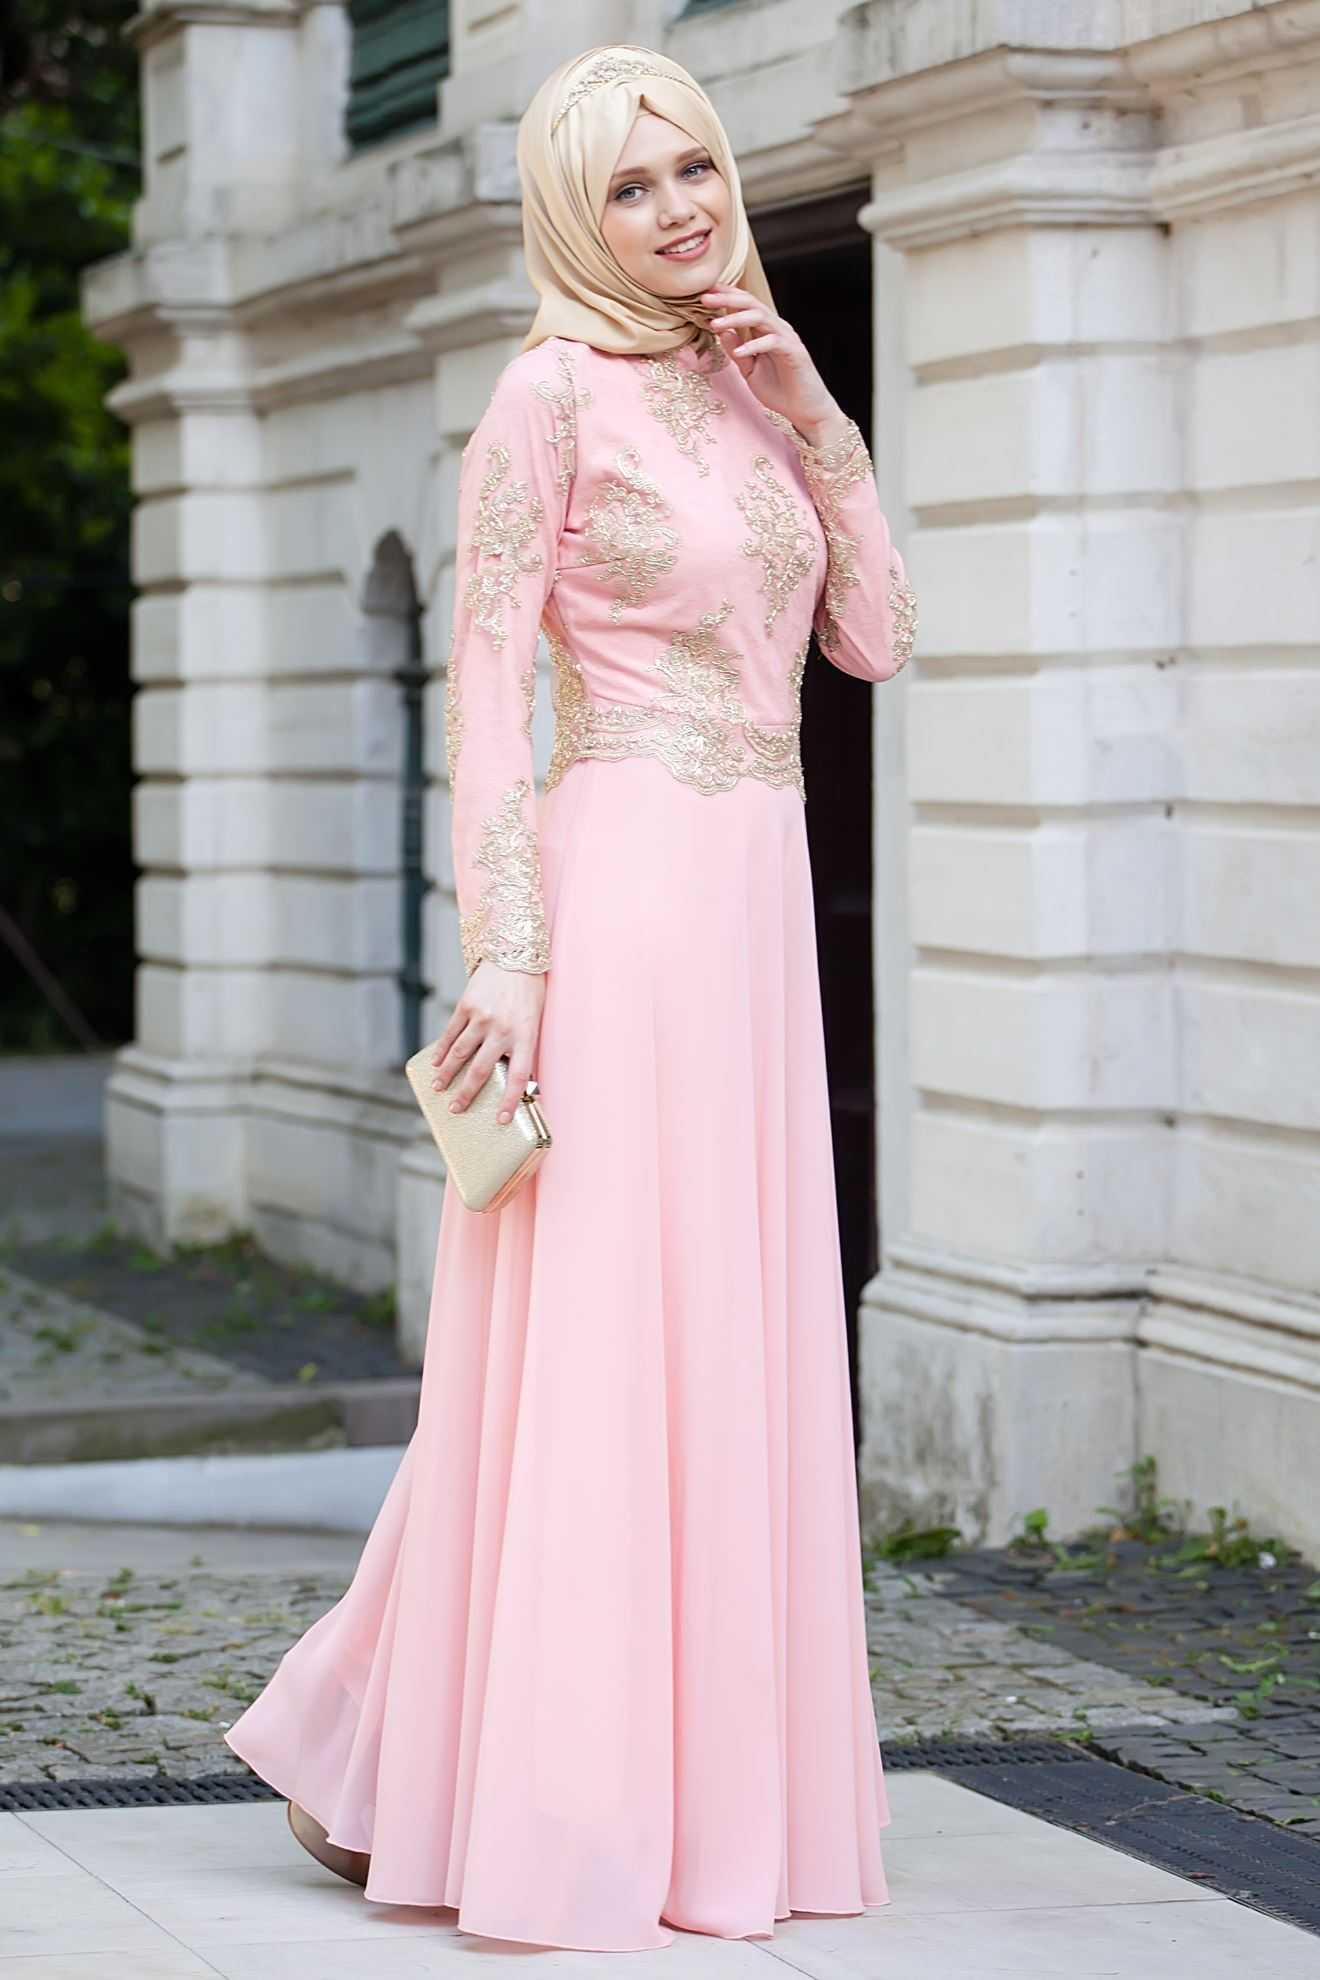 Sedanur Tesettür Pudra Renk Abiye Elbise Modelleri